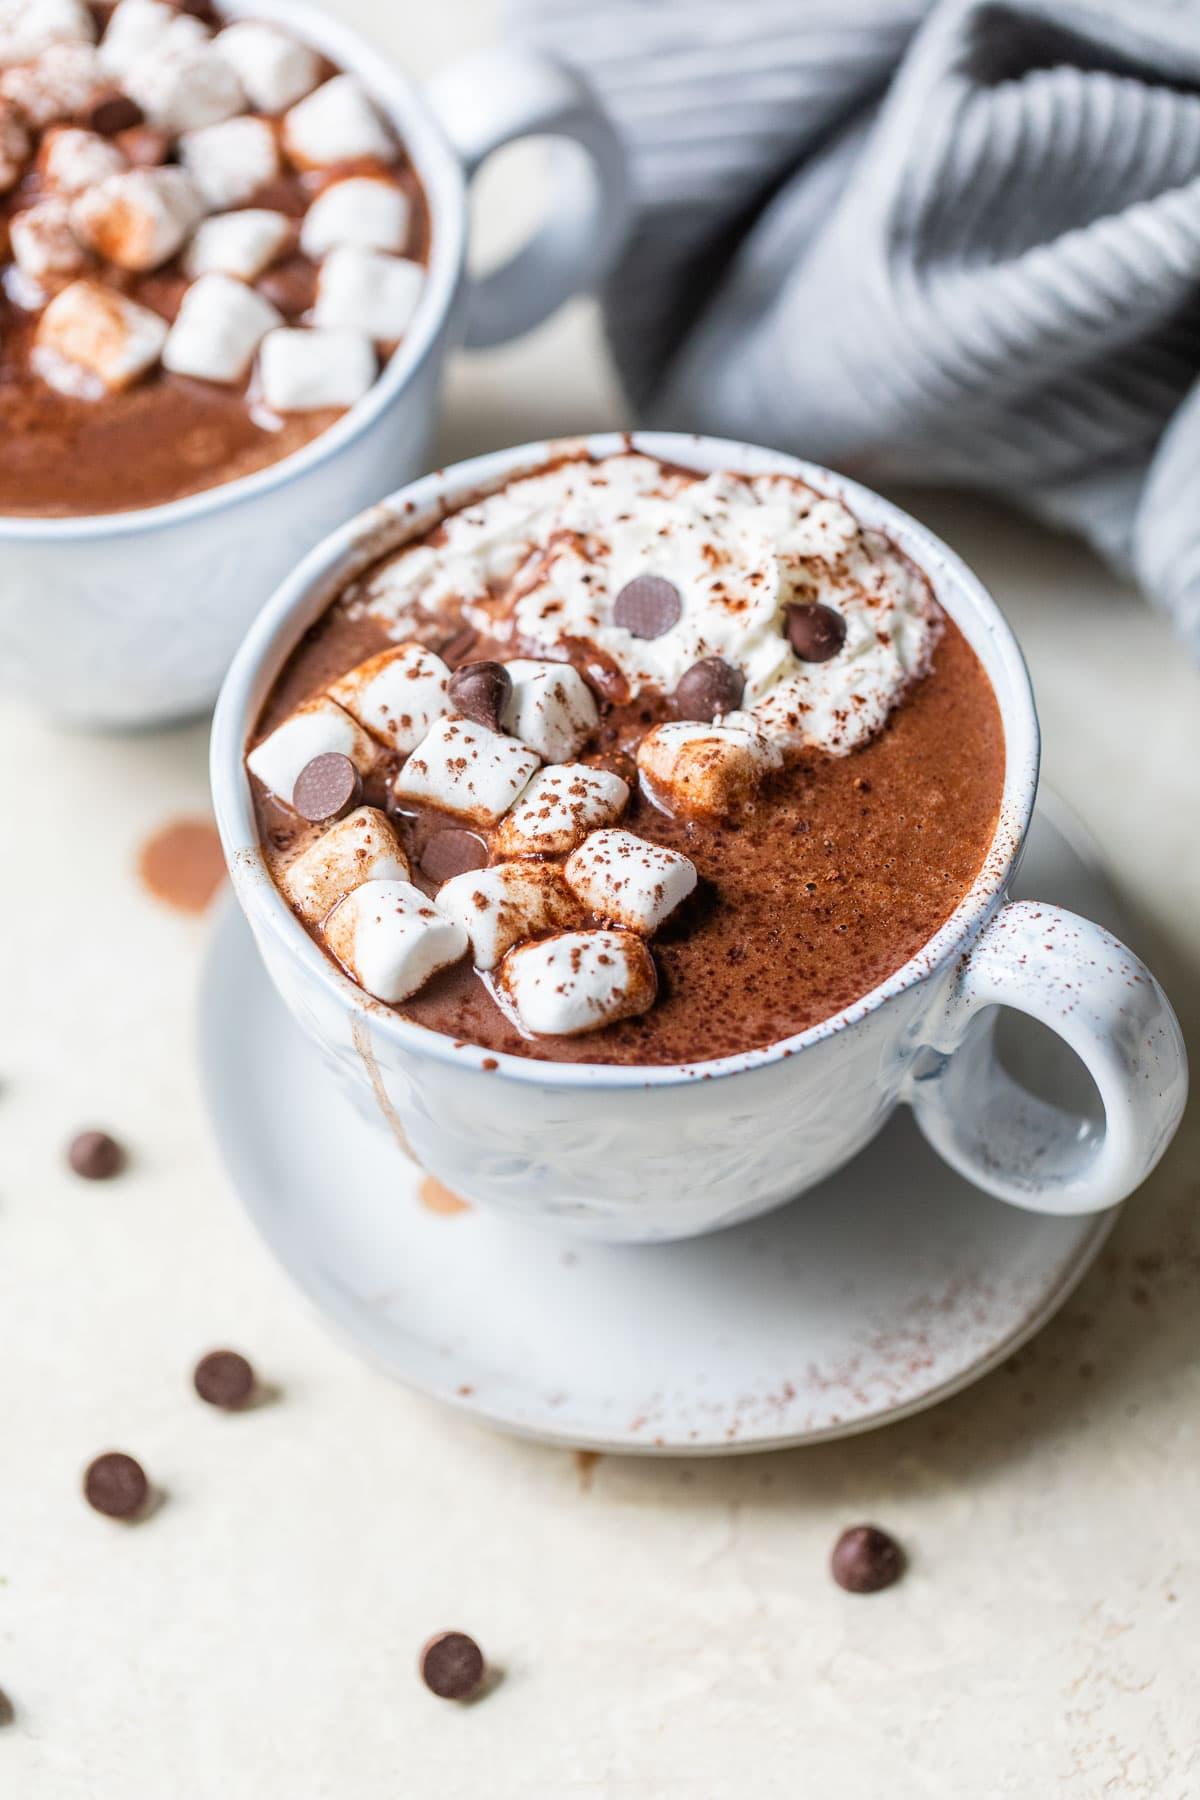 Una taza de chocolate caliente a fuego lento con malvaviscos